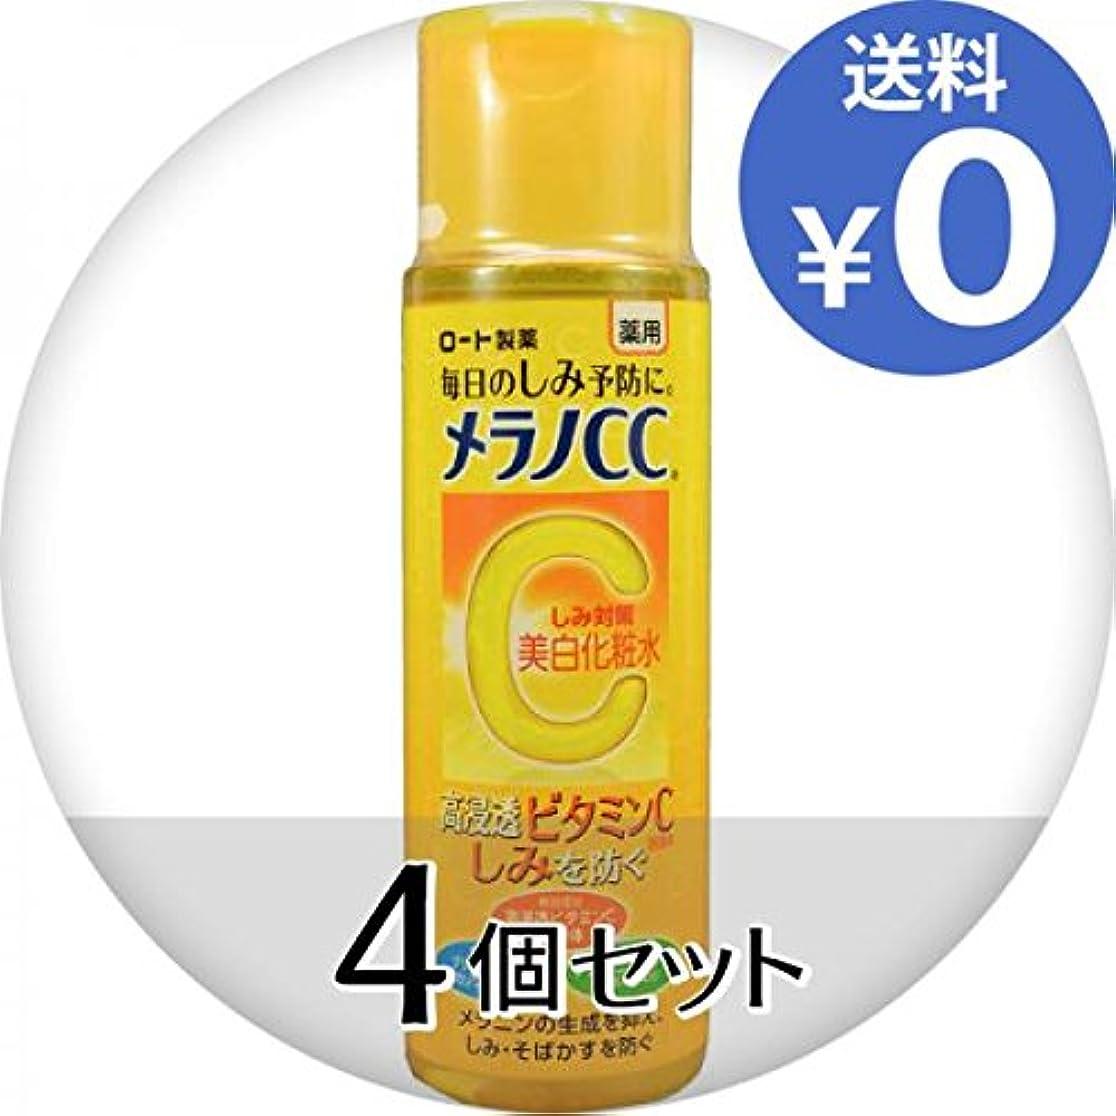 遠い投獄コードレス【セット品】メラノCC 薬用しみ対策 美白化粧水 170mL (医薬部外品) (4個)